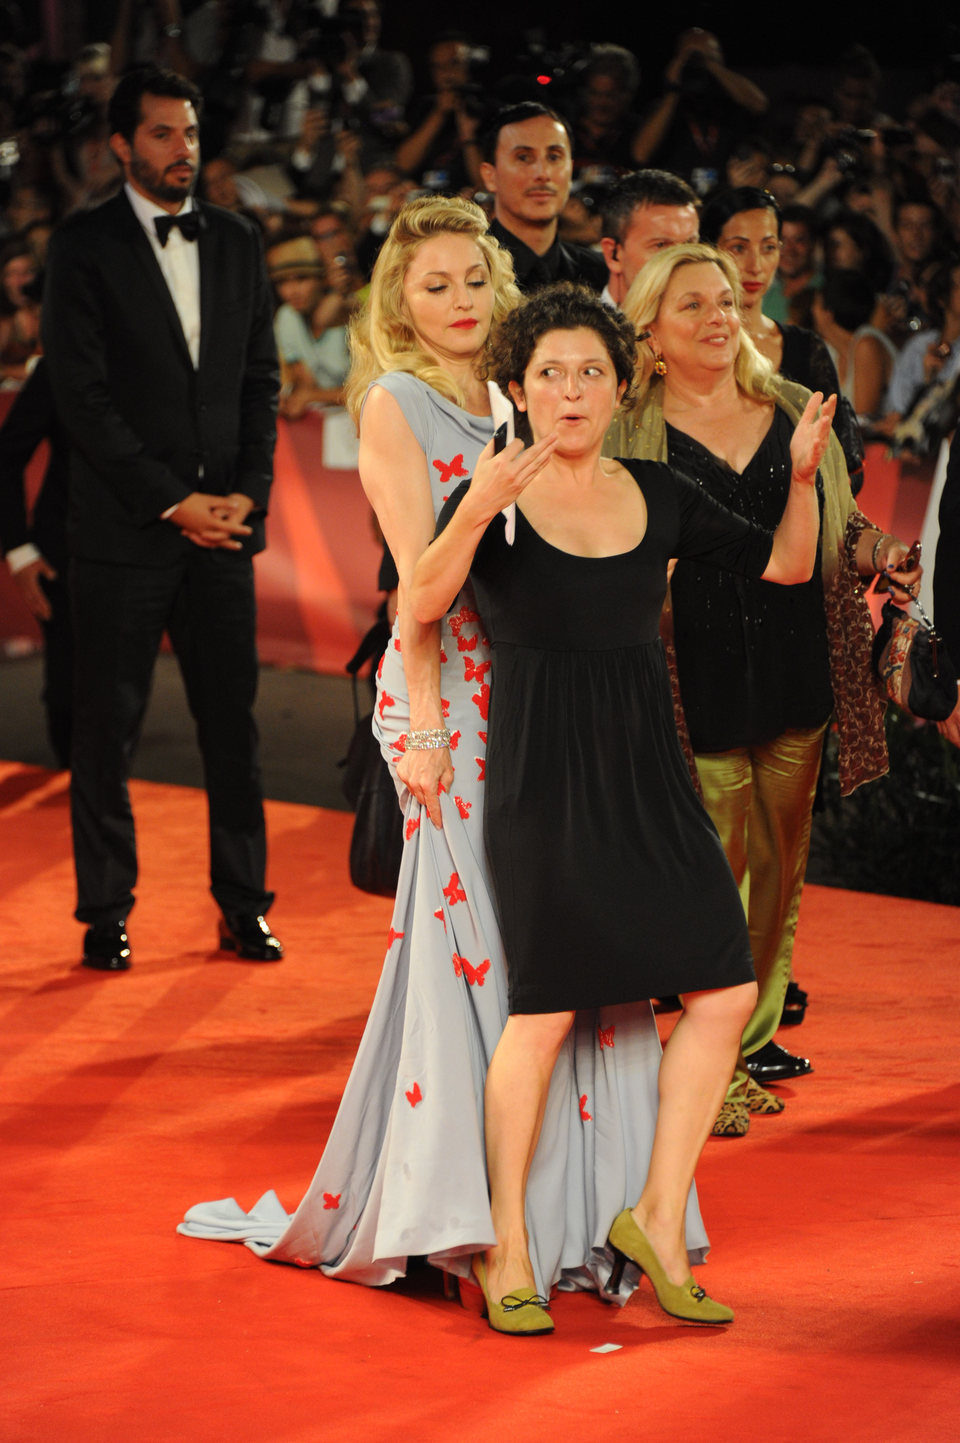 Una fan se interpone en el camino de la diva Madonna